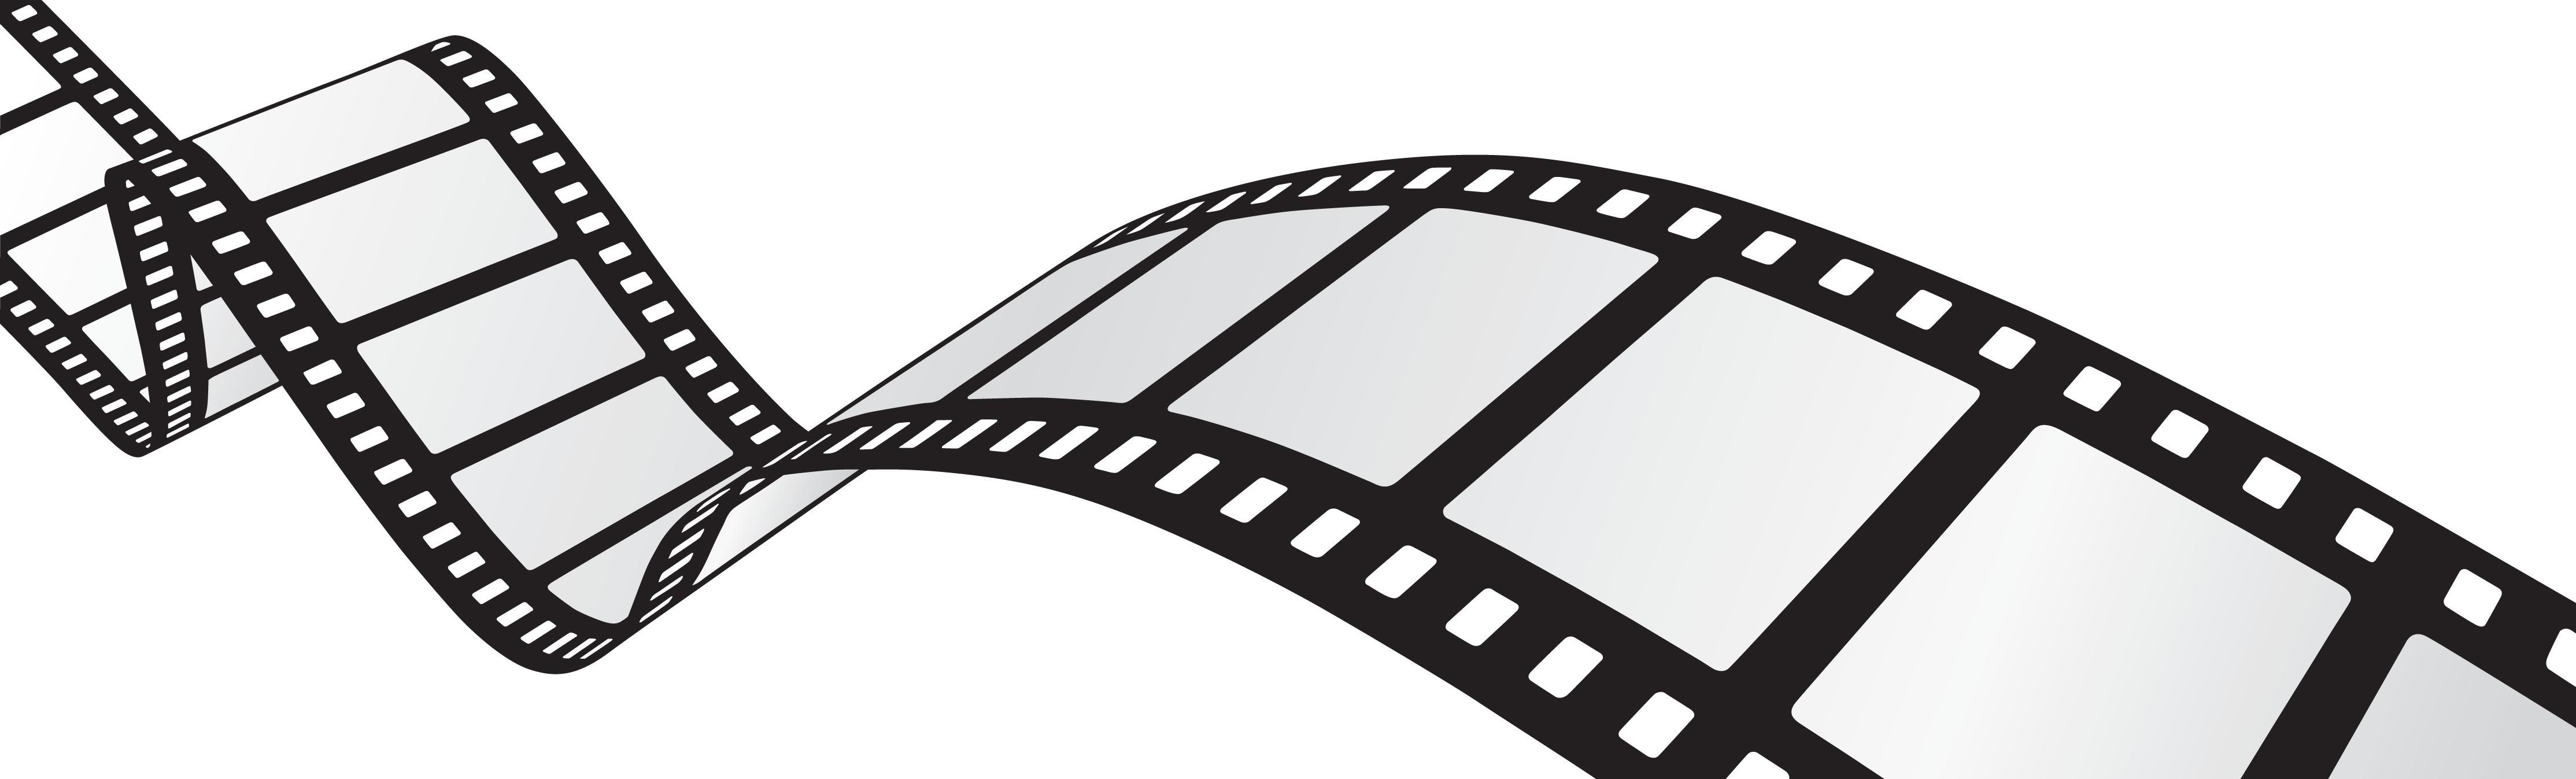 Movie Reel PNG